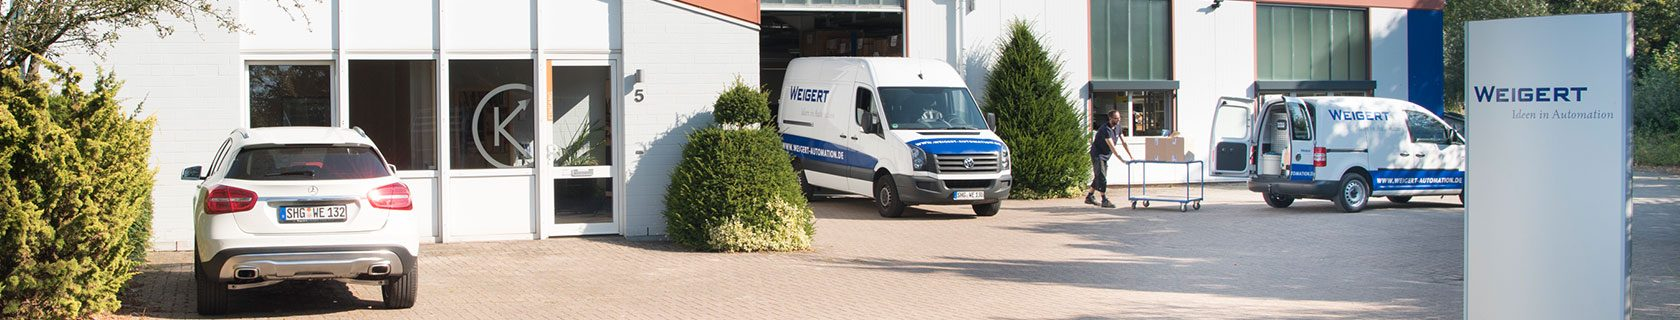 Die Weigert Elektonik GmbH in Bückeburg